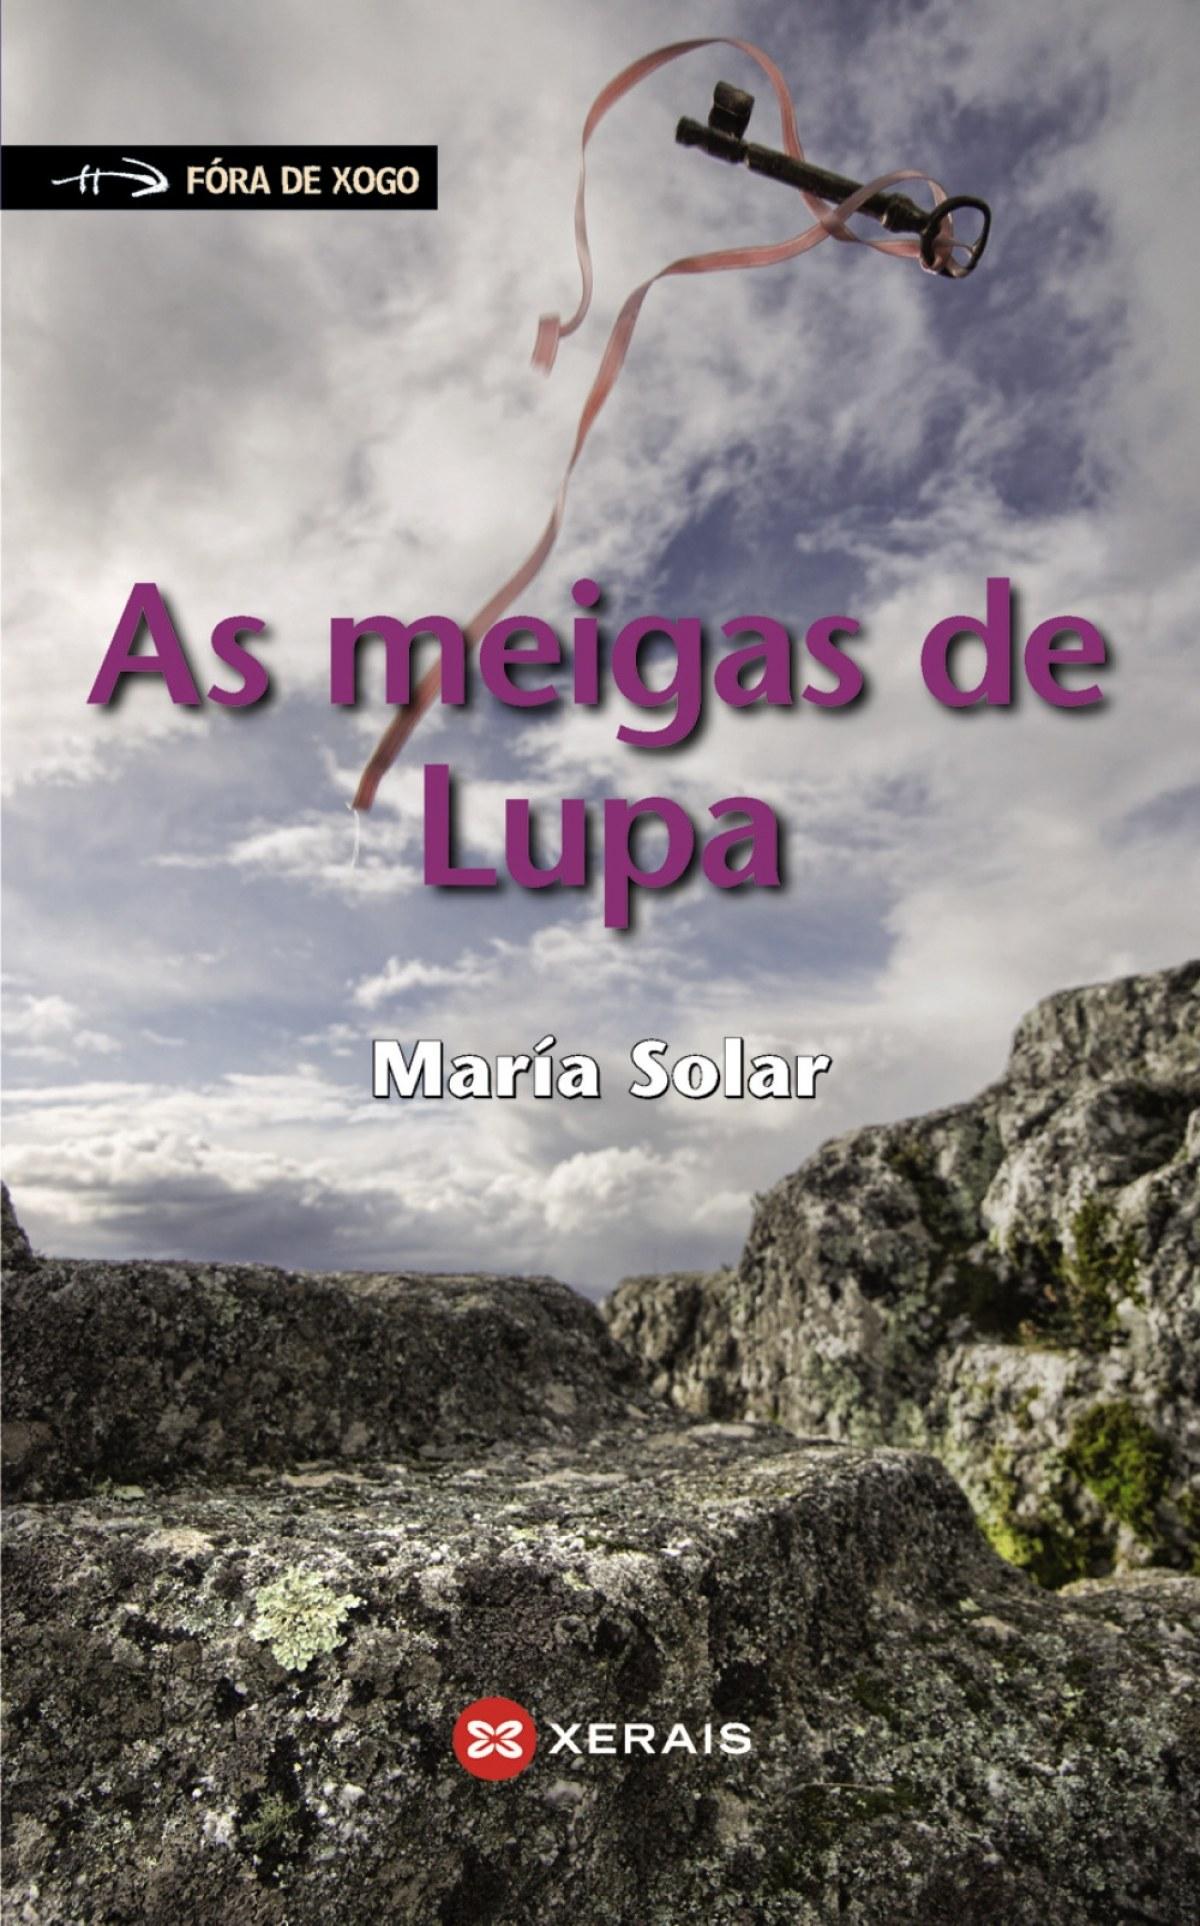 As meigas de Lupa 9788499143750